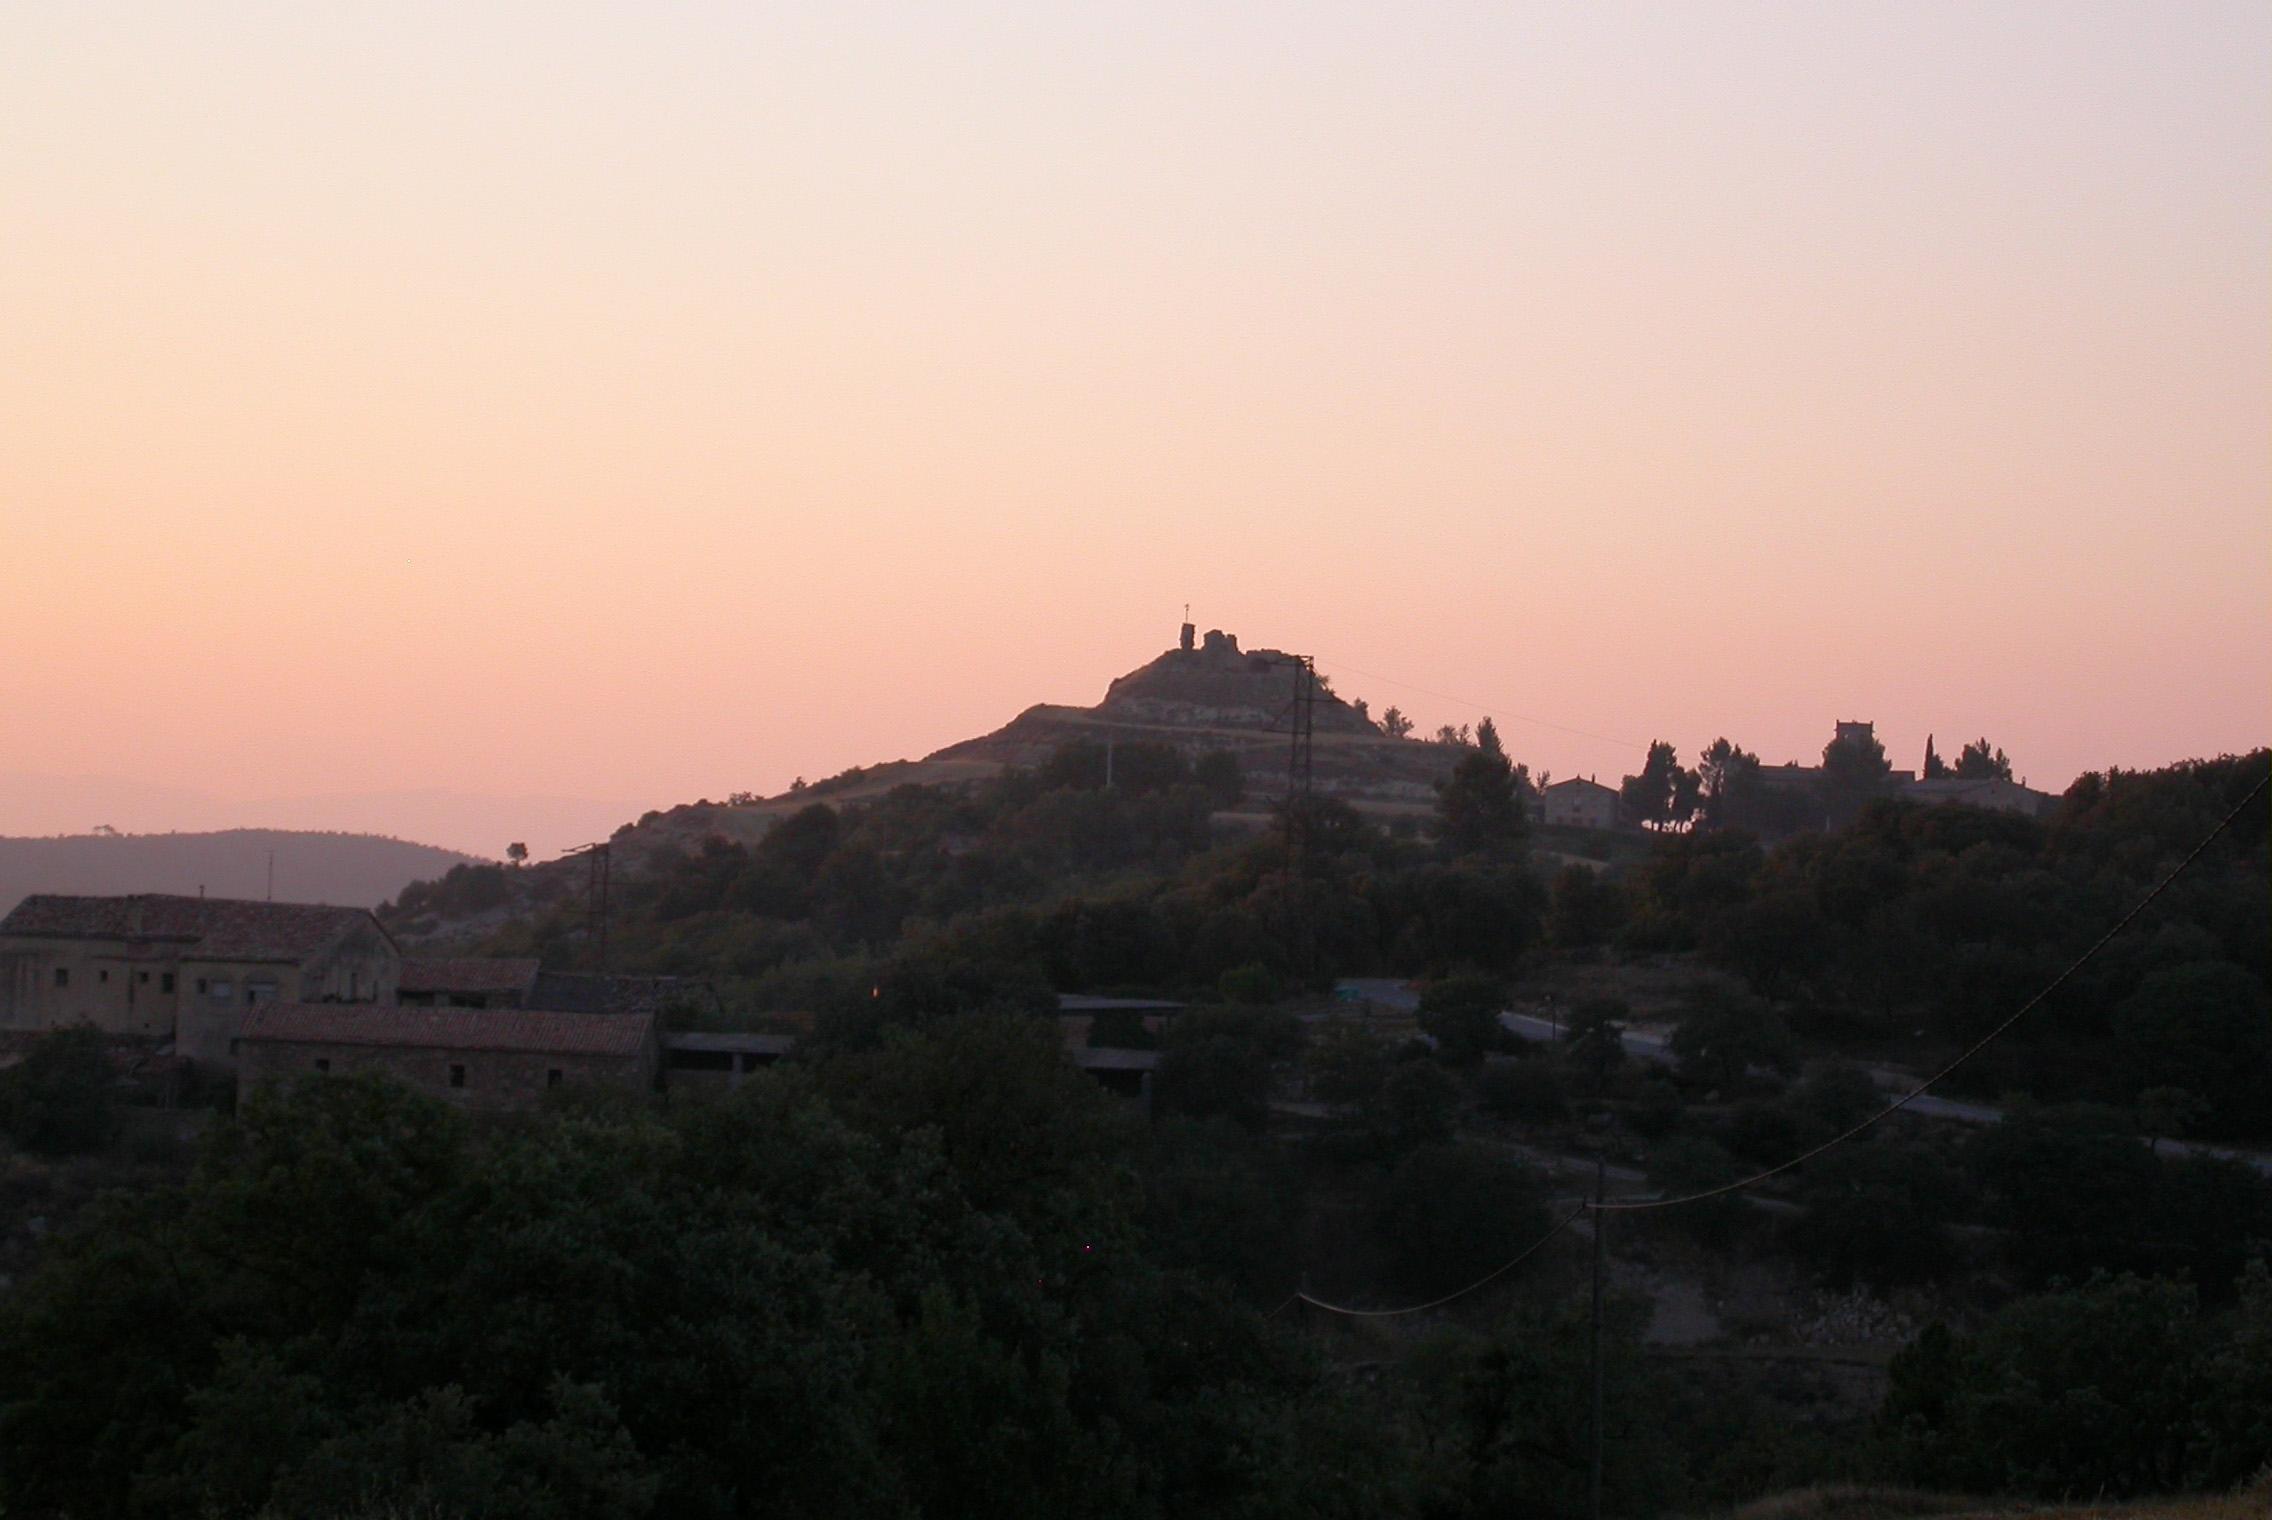 Château Calonge de Segarra